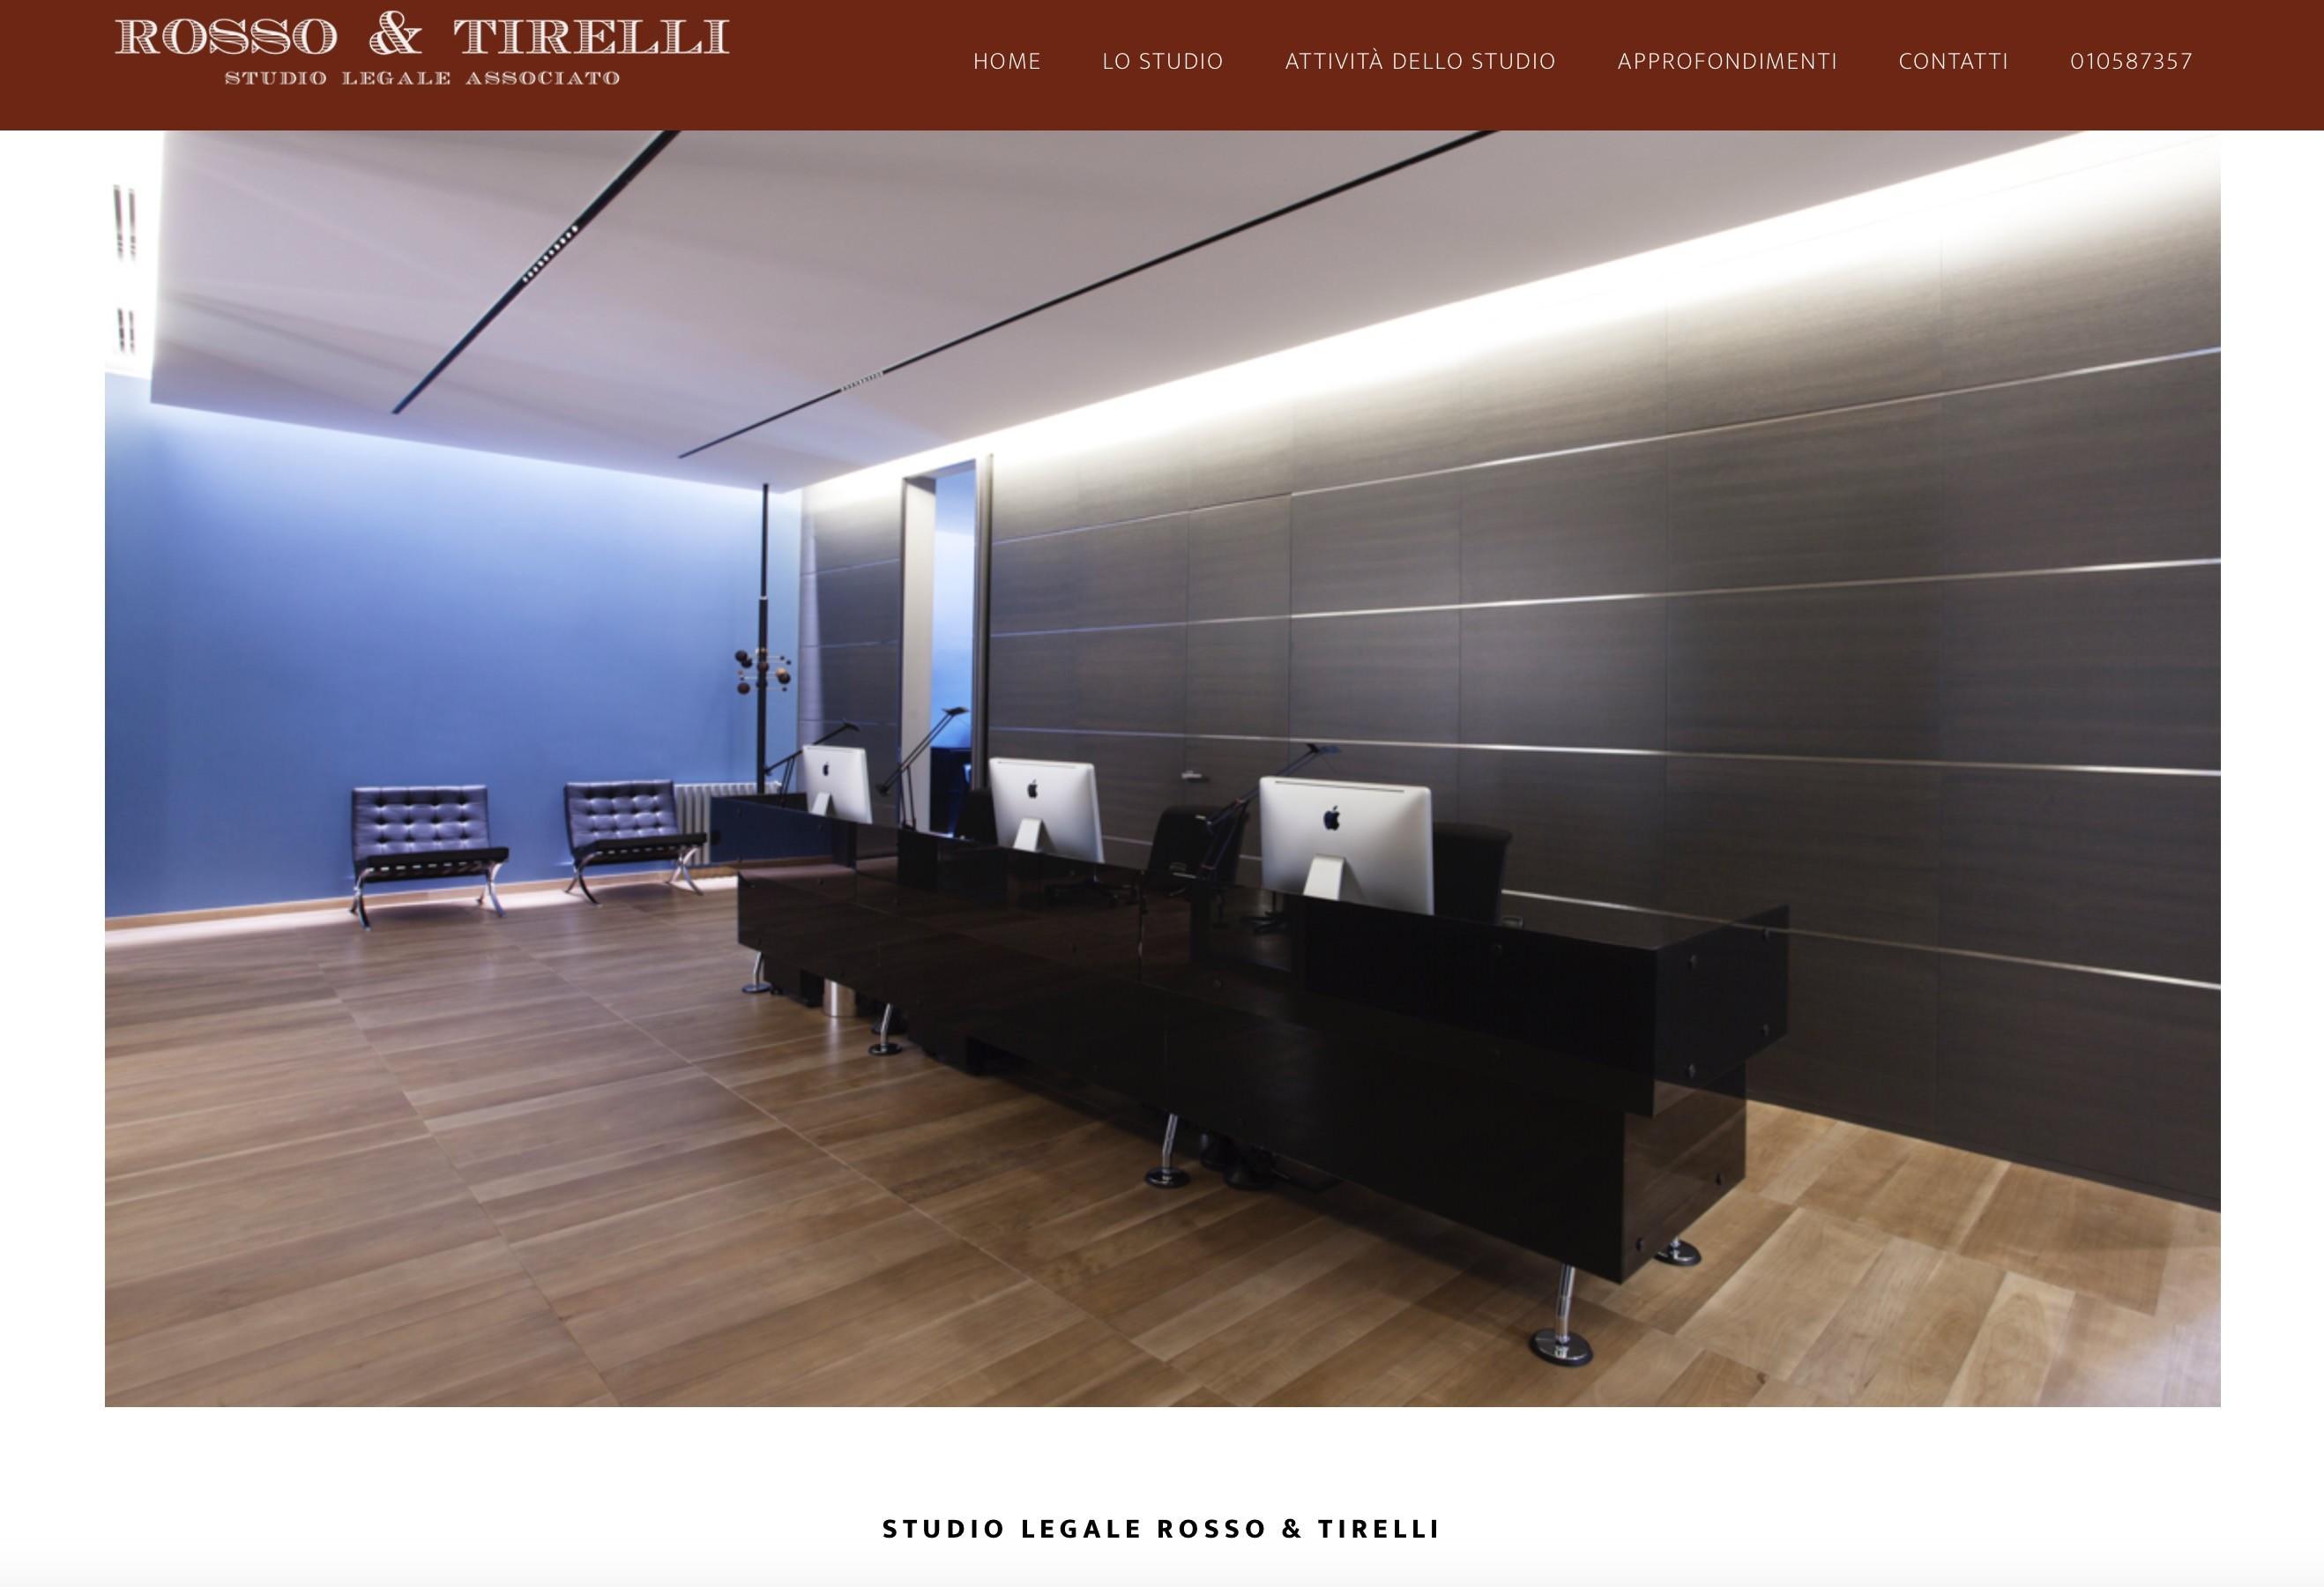 Studio Legale Associato Rosso & Tirelli  Genova - Nuovo sito internet 1